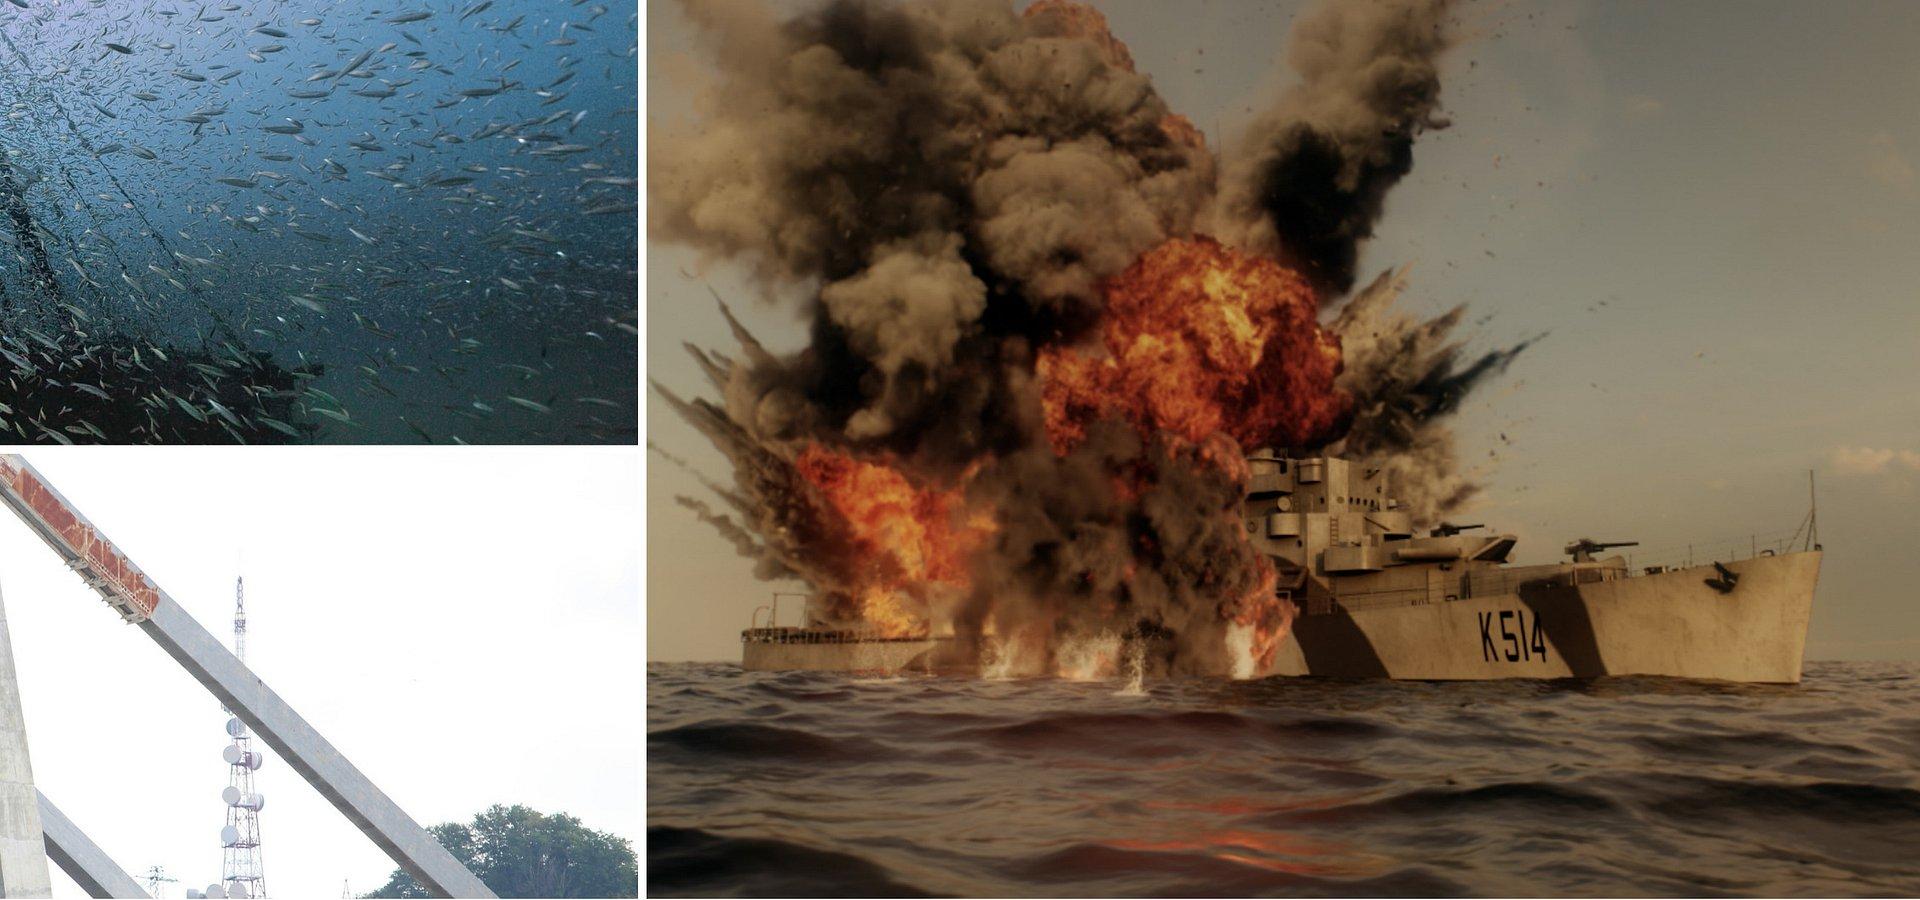 Sierpniowe propozycje programowe kanału National Geographic